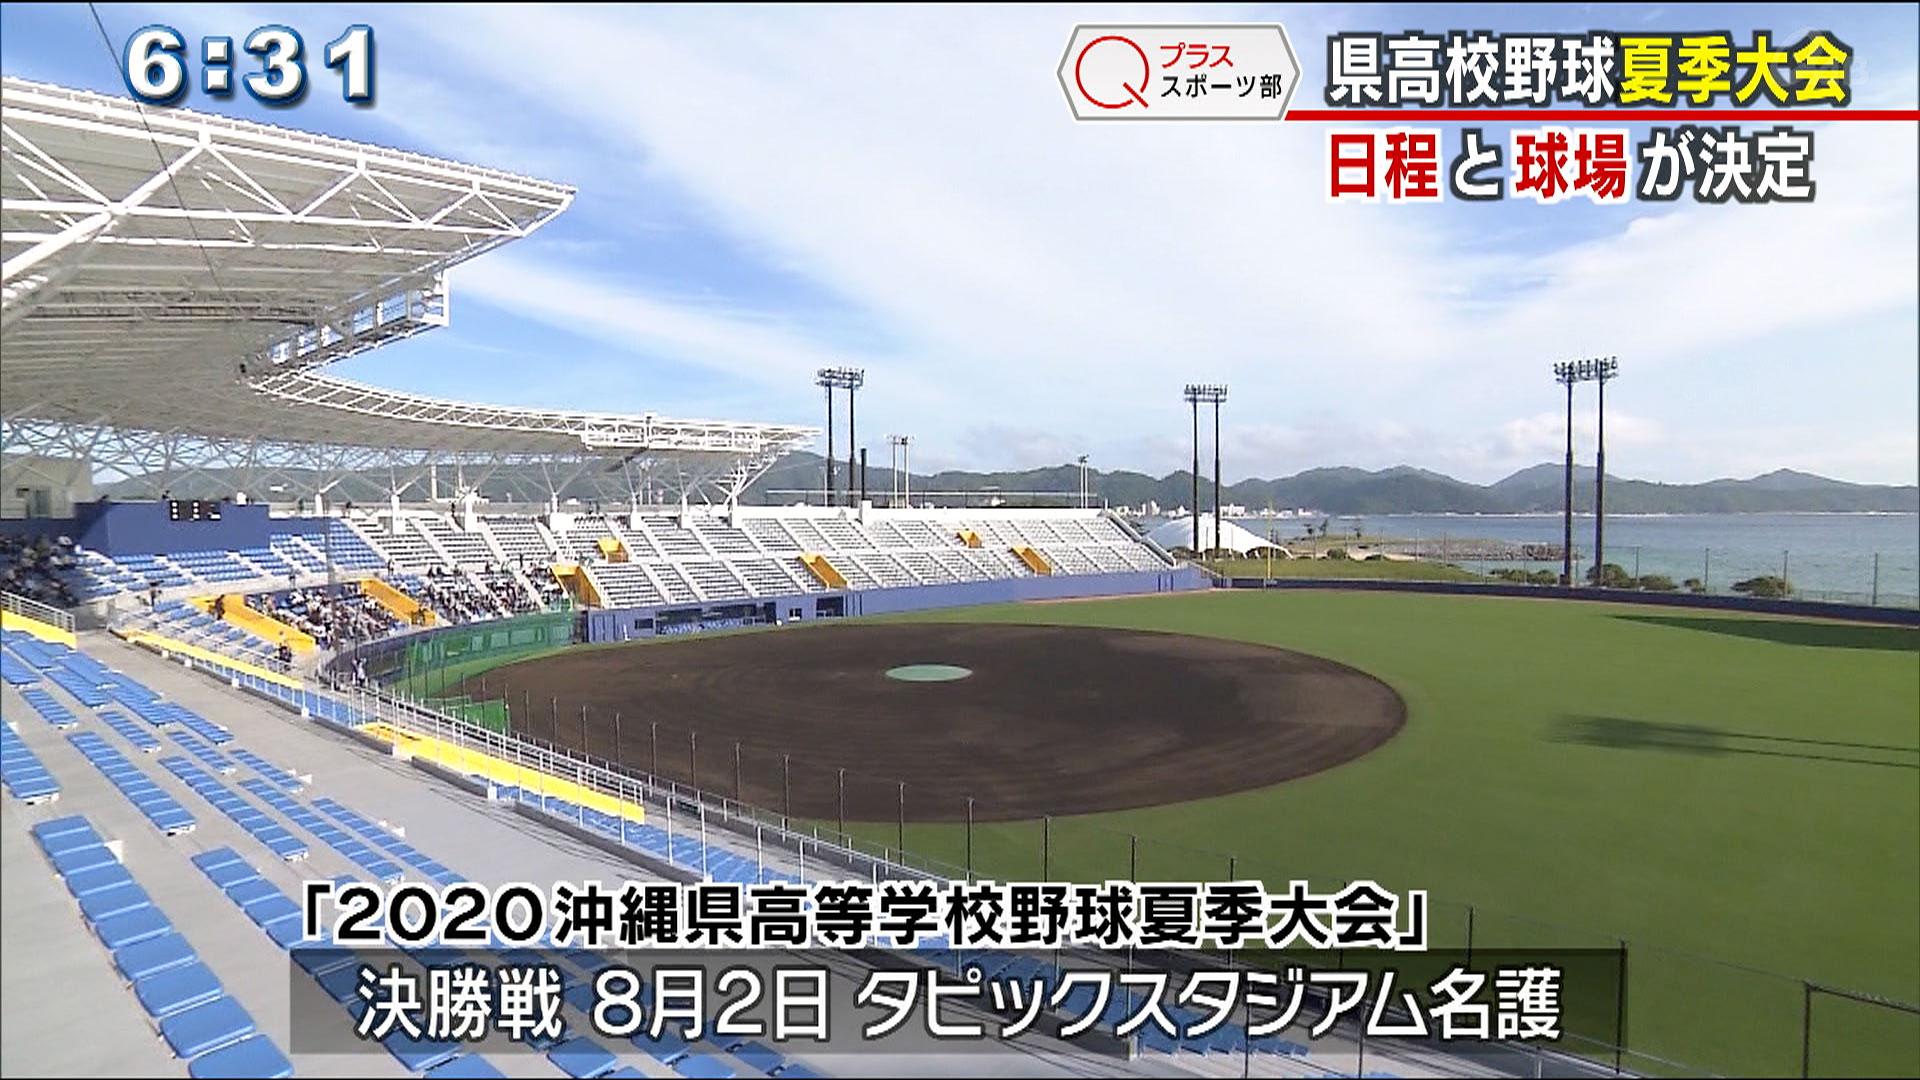 沖縄独自大会日程決まる